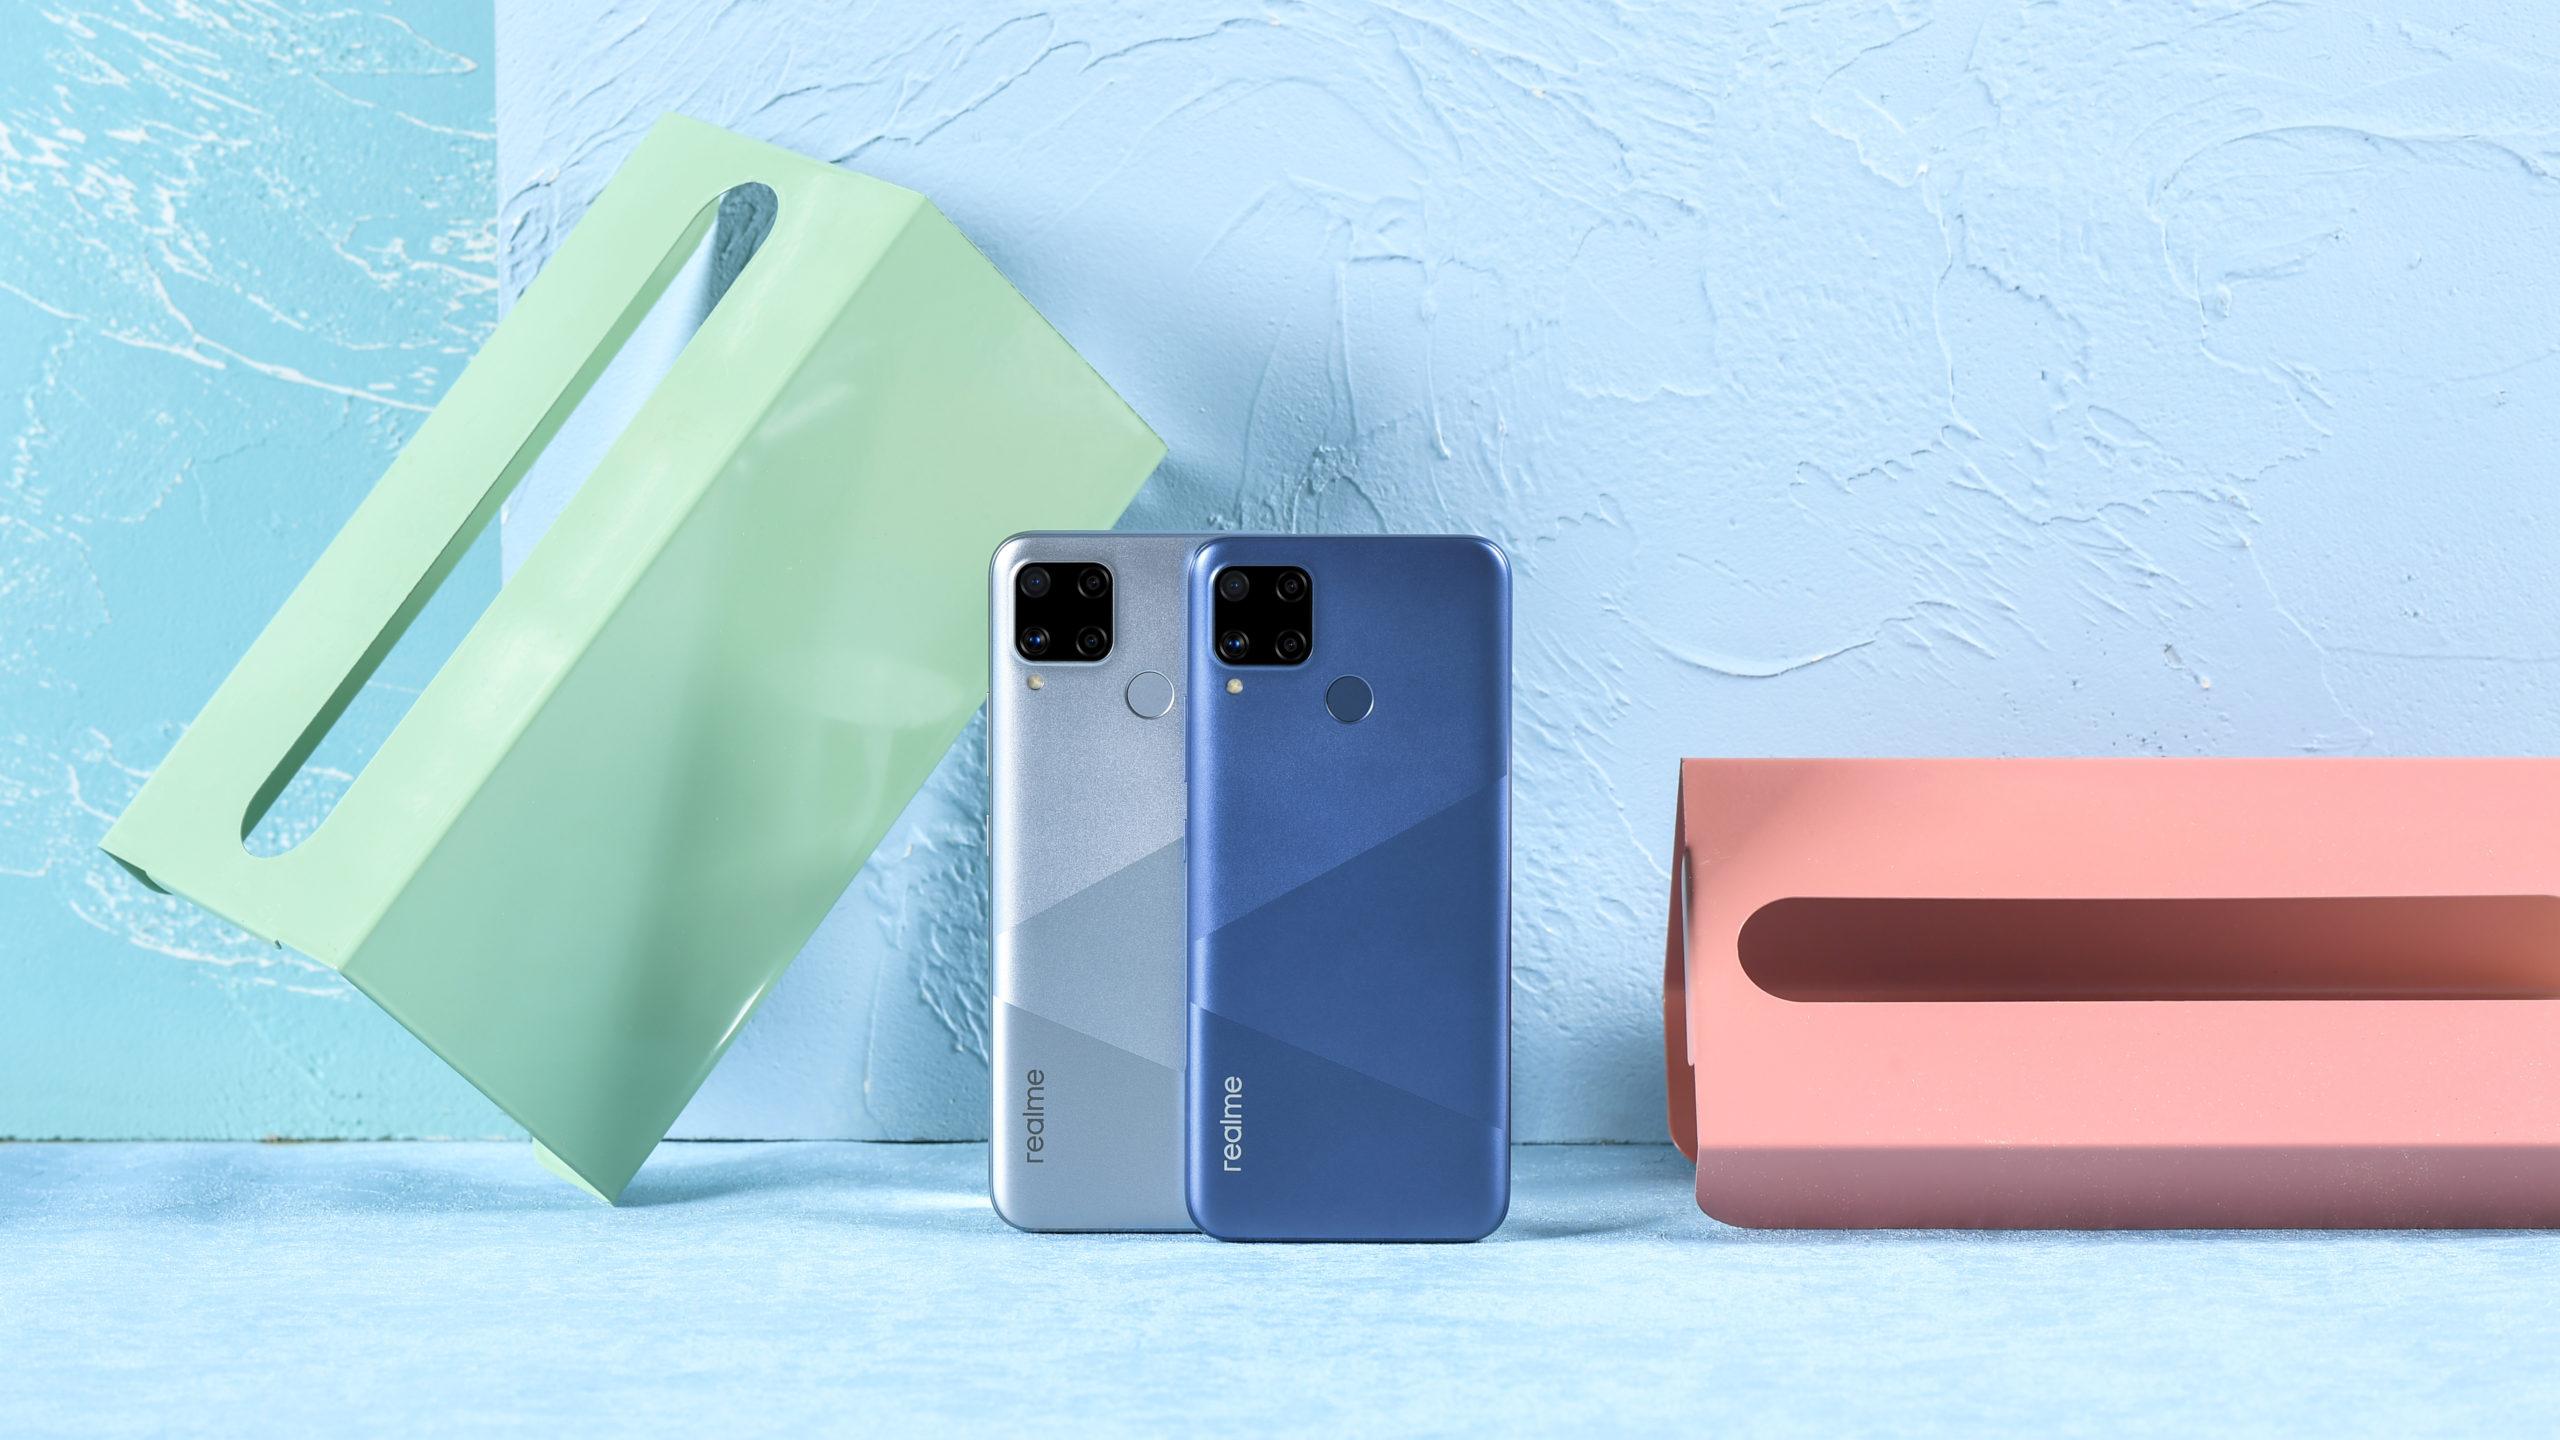 Mantente conectado con los nuevos smartphones de realme